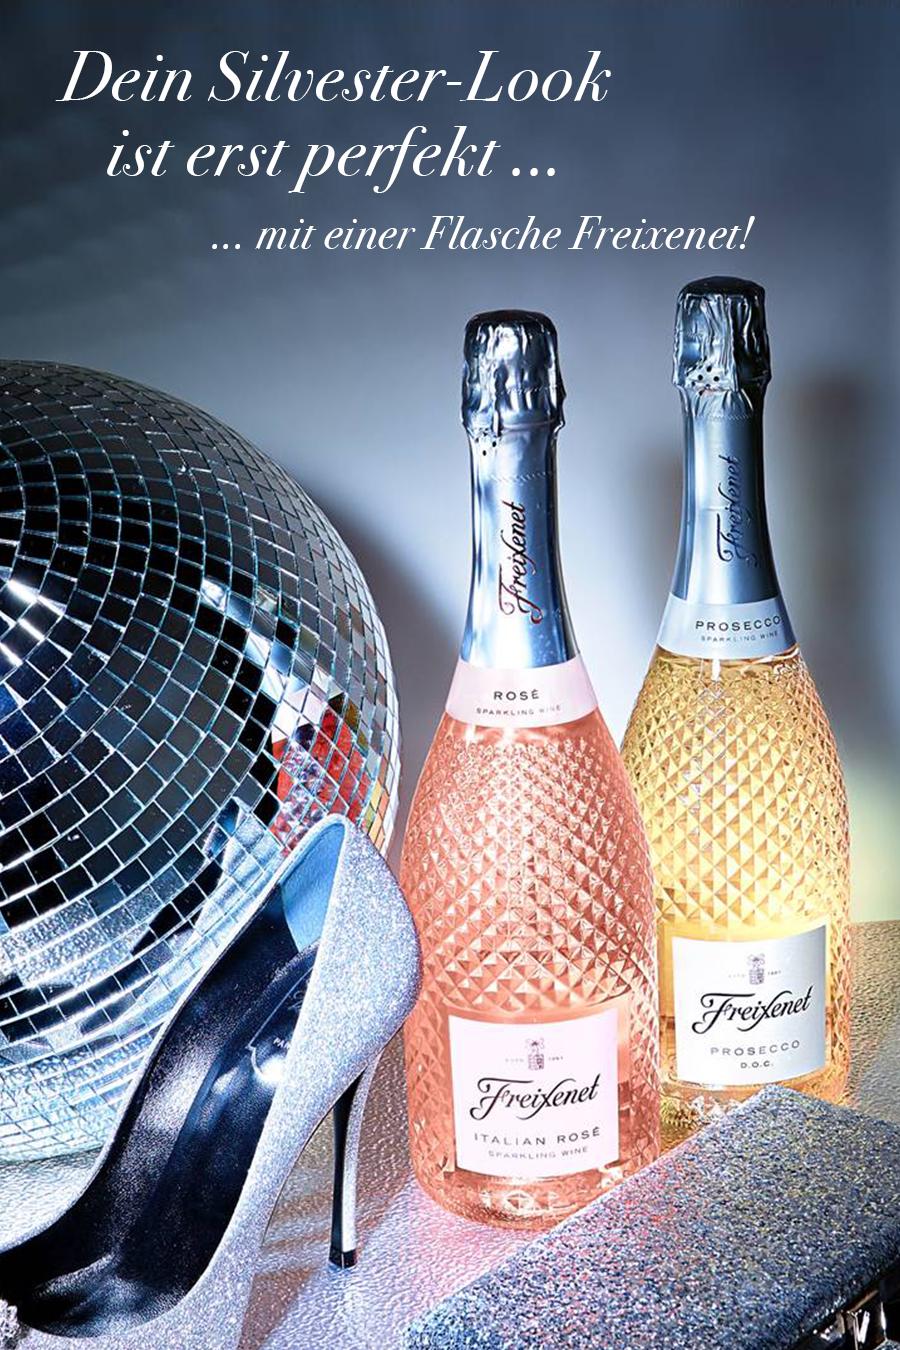 Party-Hingucker: Der Prosecco D.O.C. & Italian Rosé von Freixenet in der glamourösen Schmuckflasche.